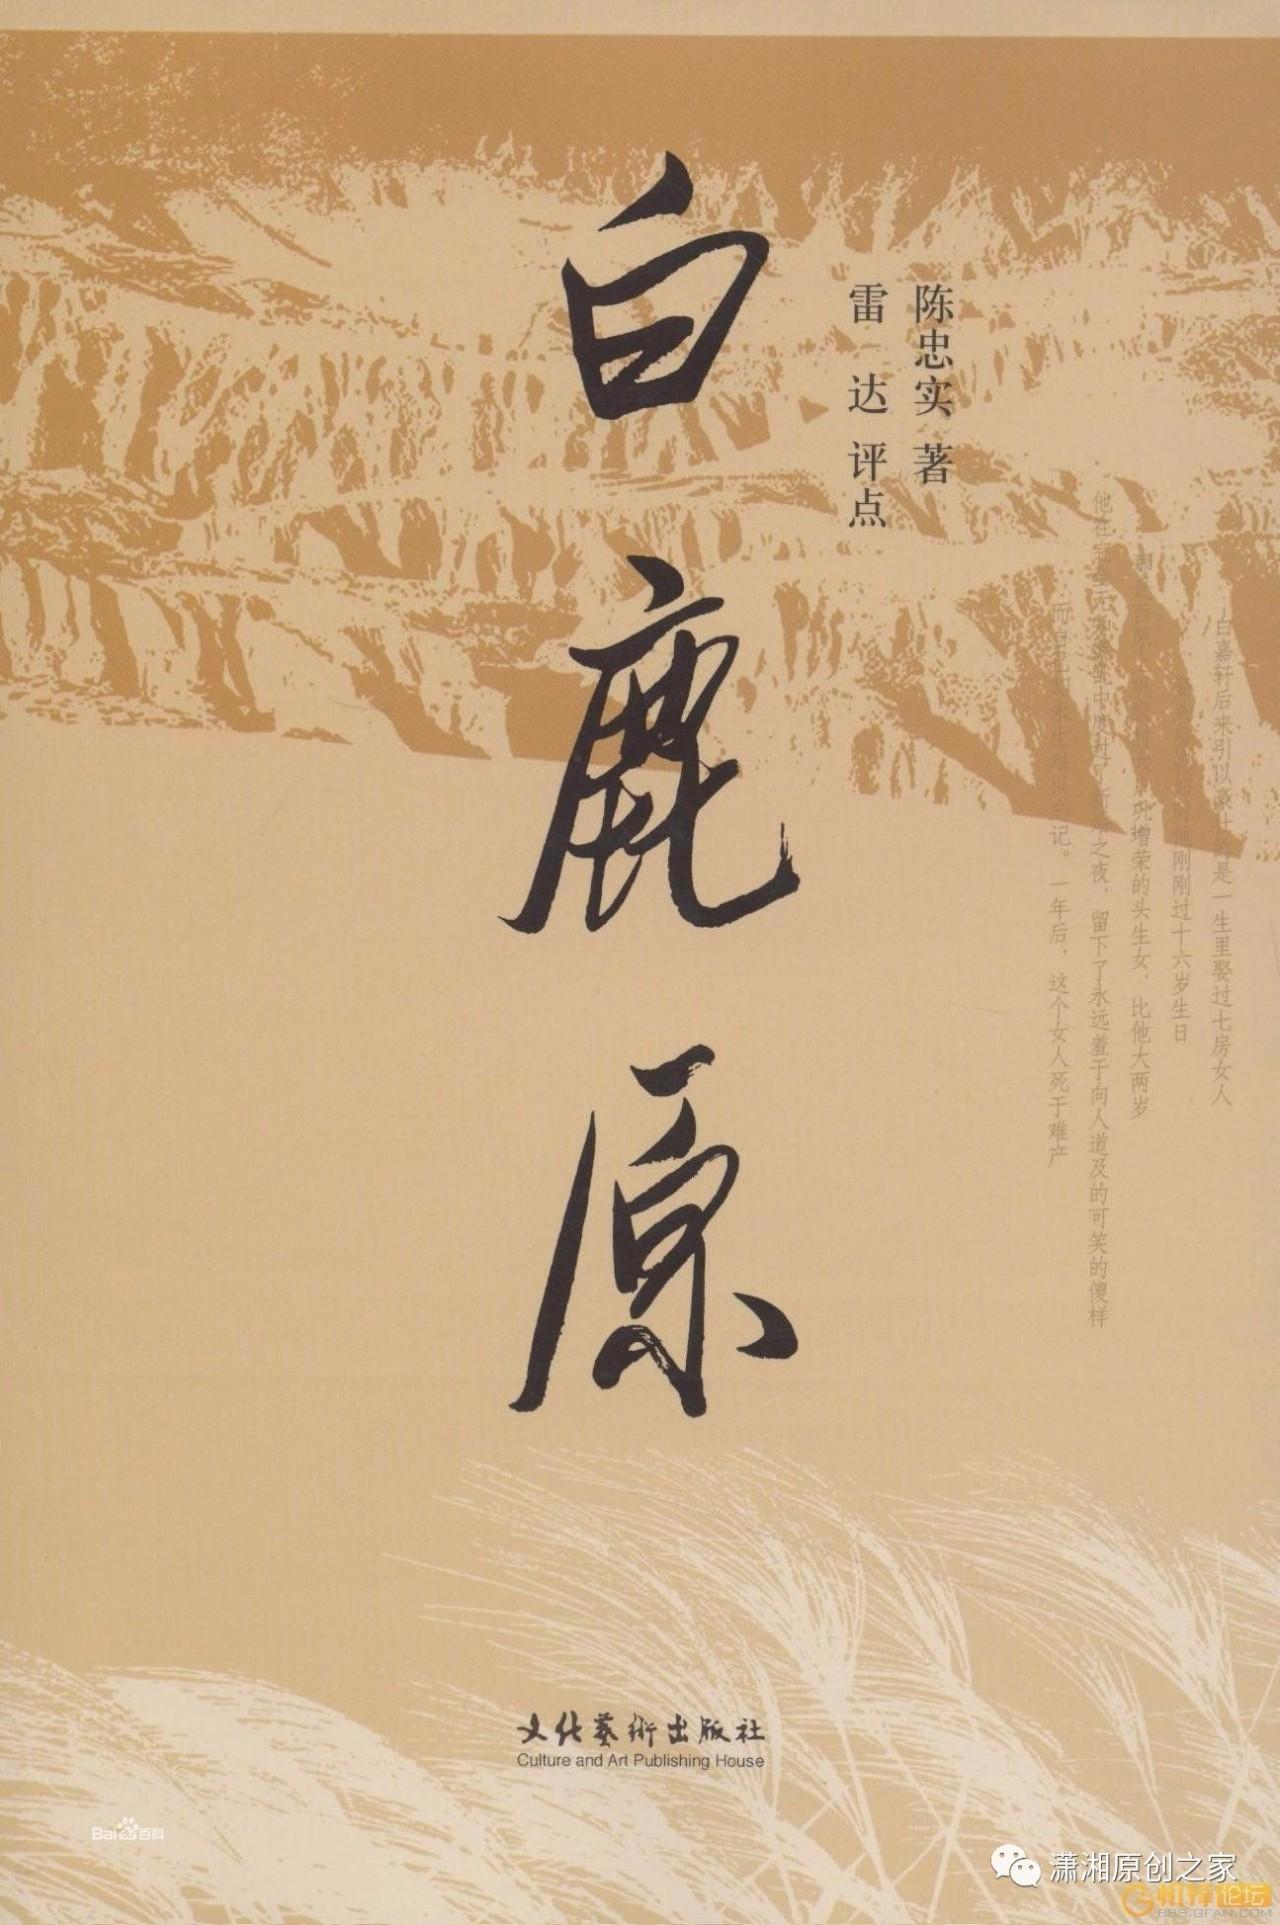 潇湘原创之家 卢树仁 作文的态度